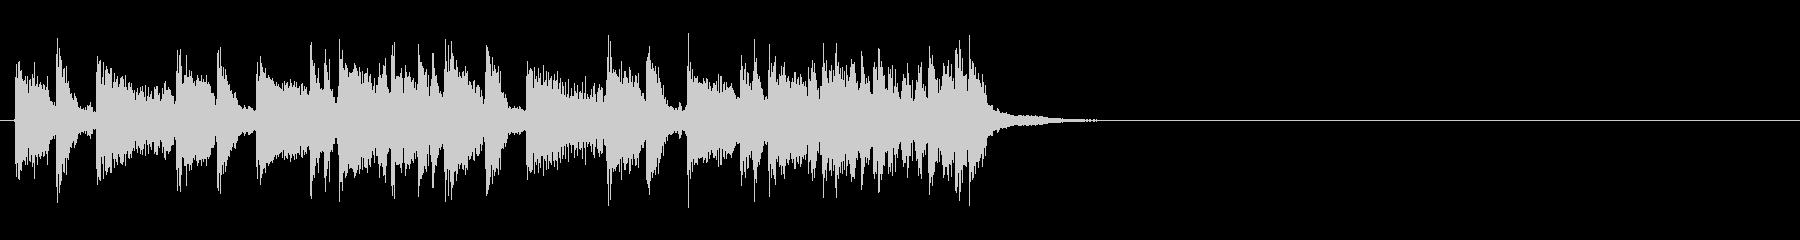 ジングル(コーナー・テーマ風)の未再生の波形